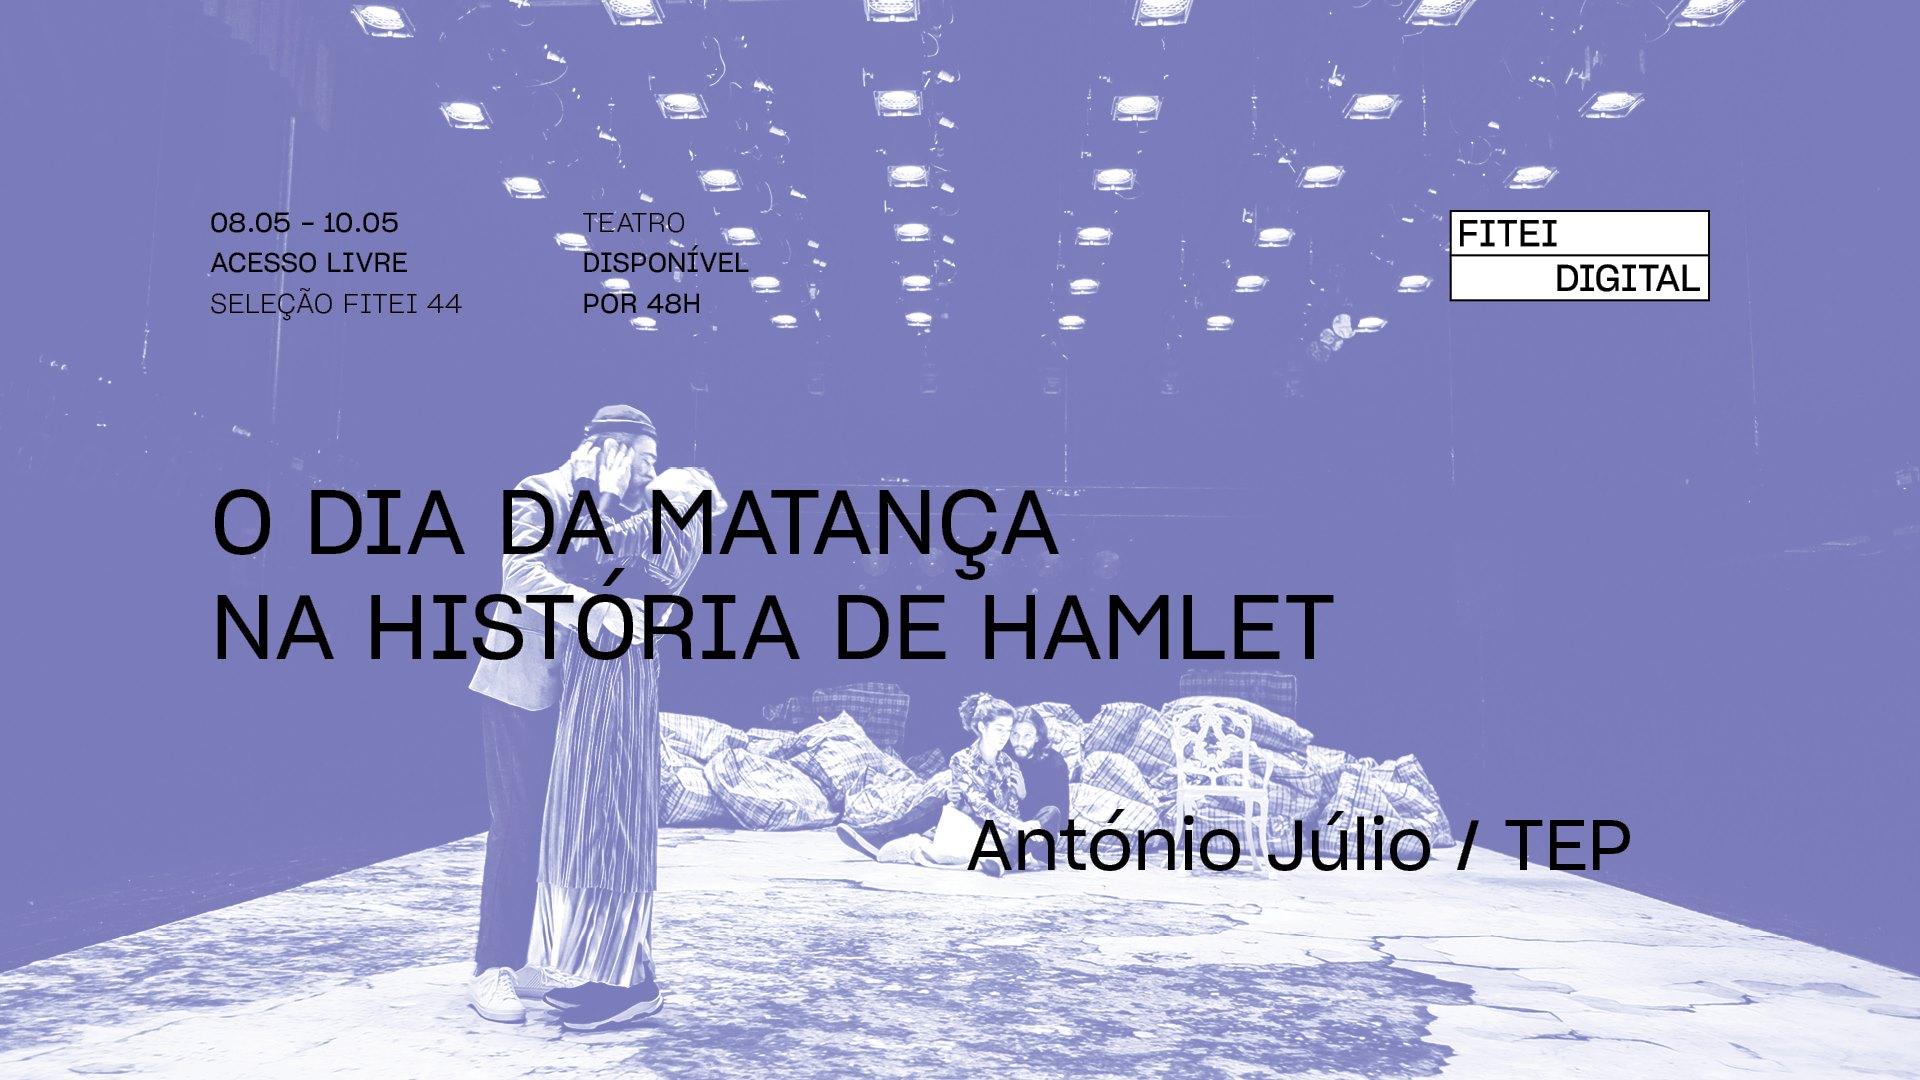 O Dia da matança na história de Hamlet • BERNARD MARIE-KOLTÈS / ANTÓNIO JÚLIO / TEP | FITEI Digital